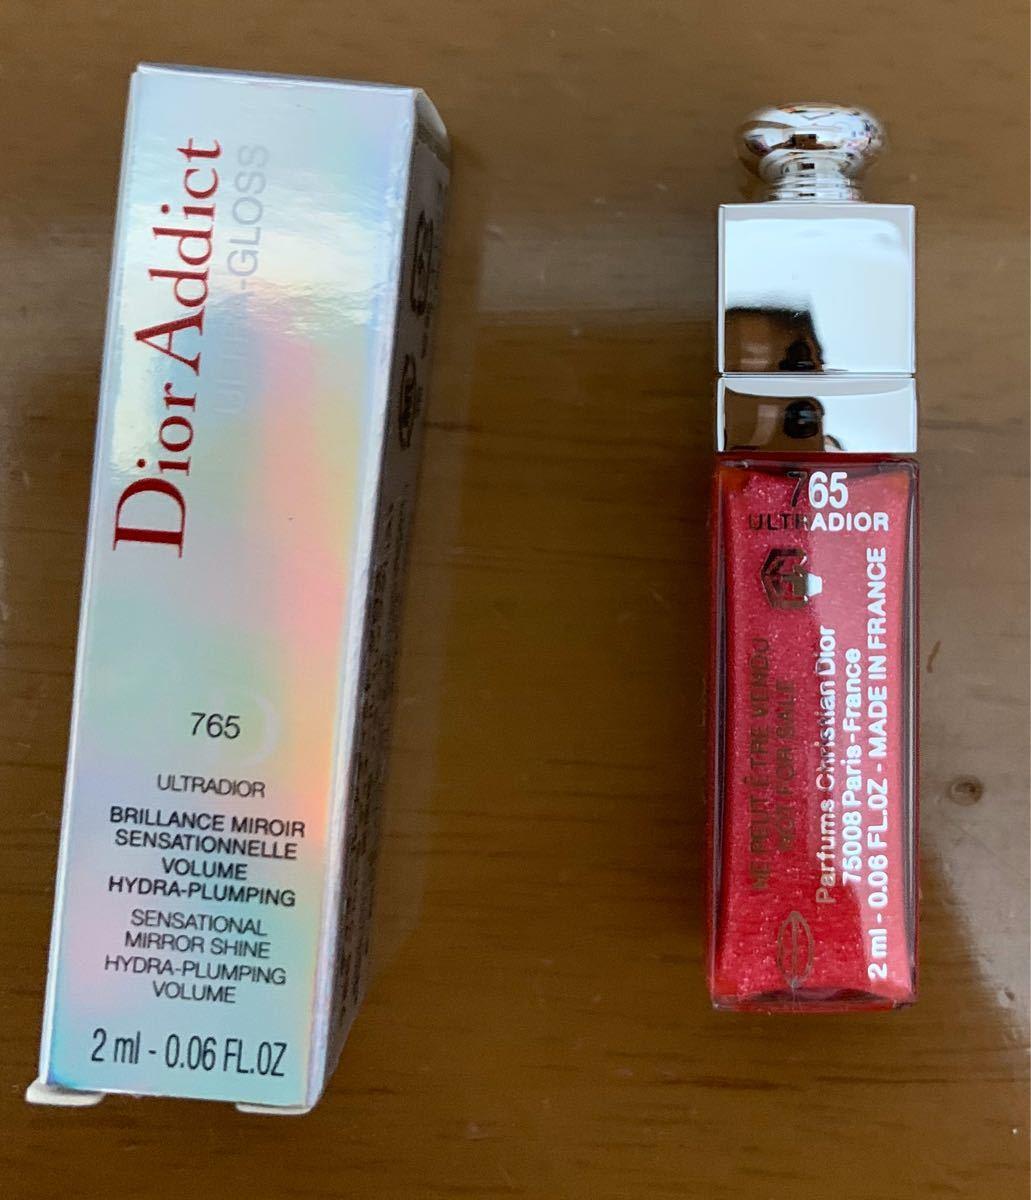 ディオール グロス、香水 サンプルセット